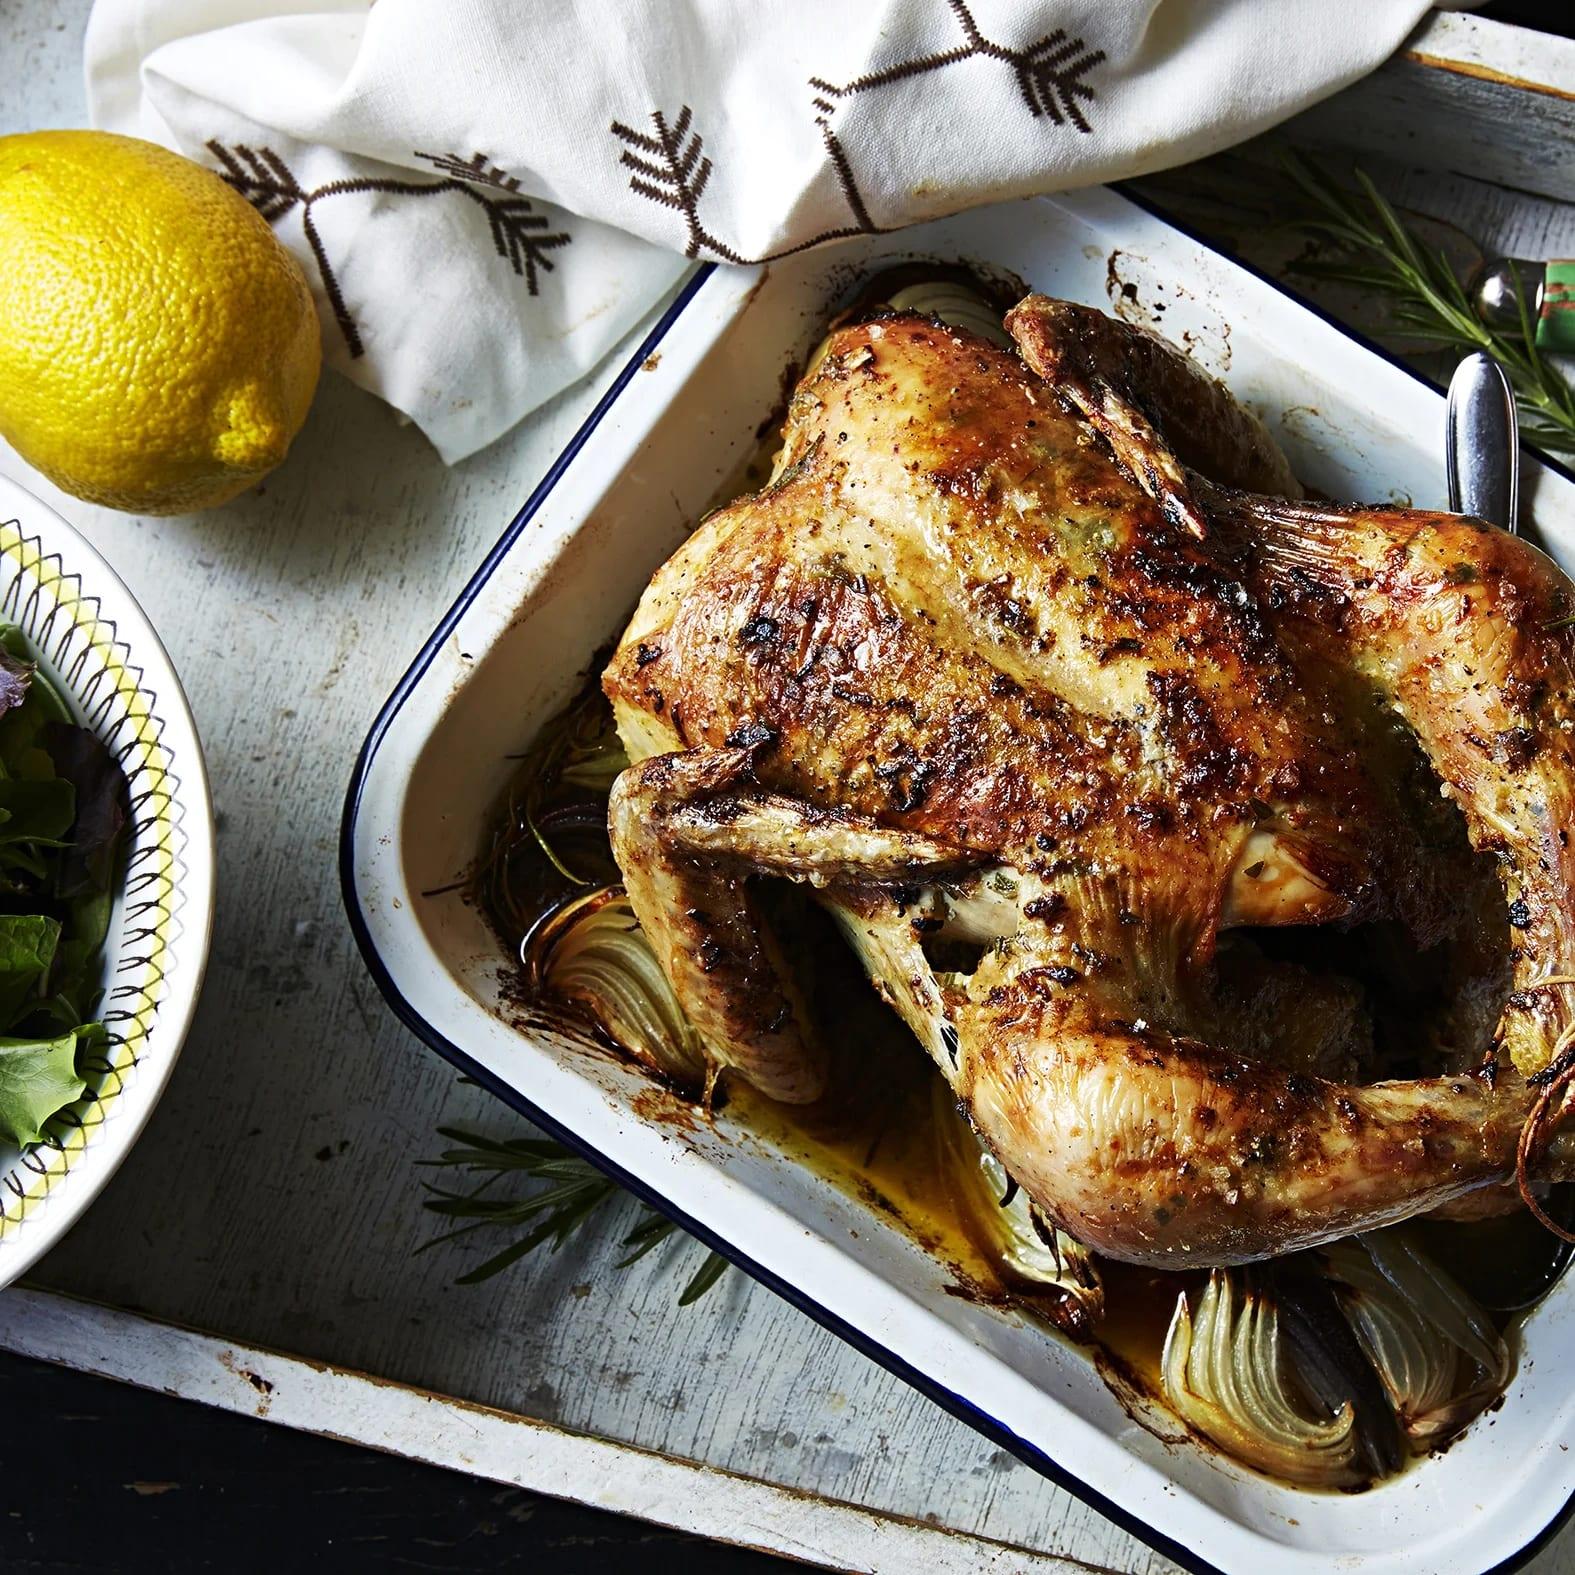 helstekt kyckling stekpåse